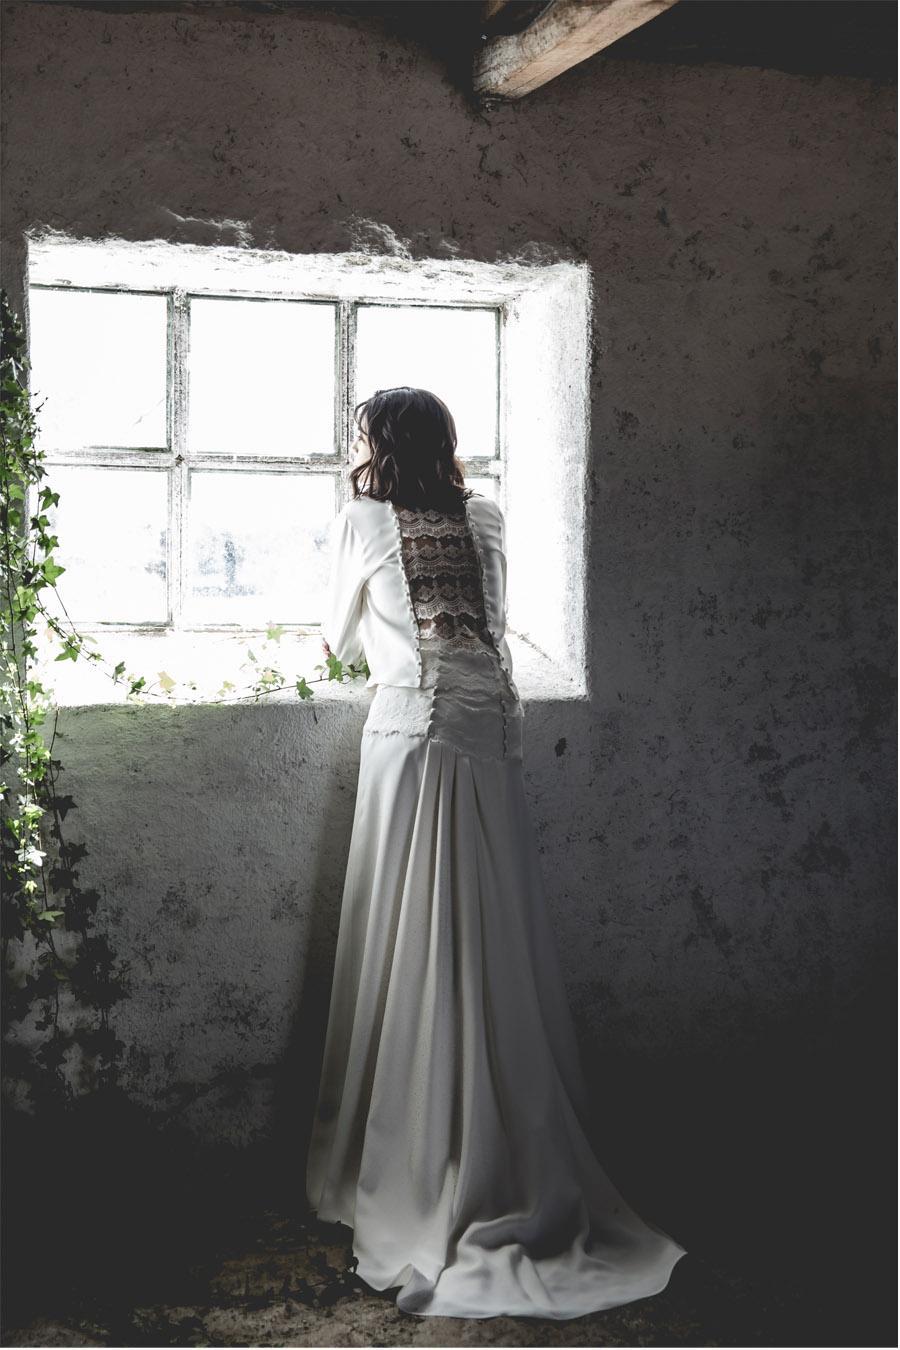 LAS NOVIAS DE ALEJANDRA SVARC novias-de-alejandra-svarc